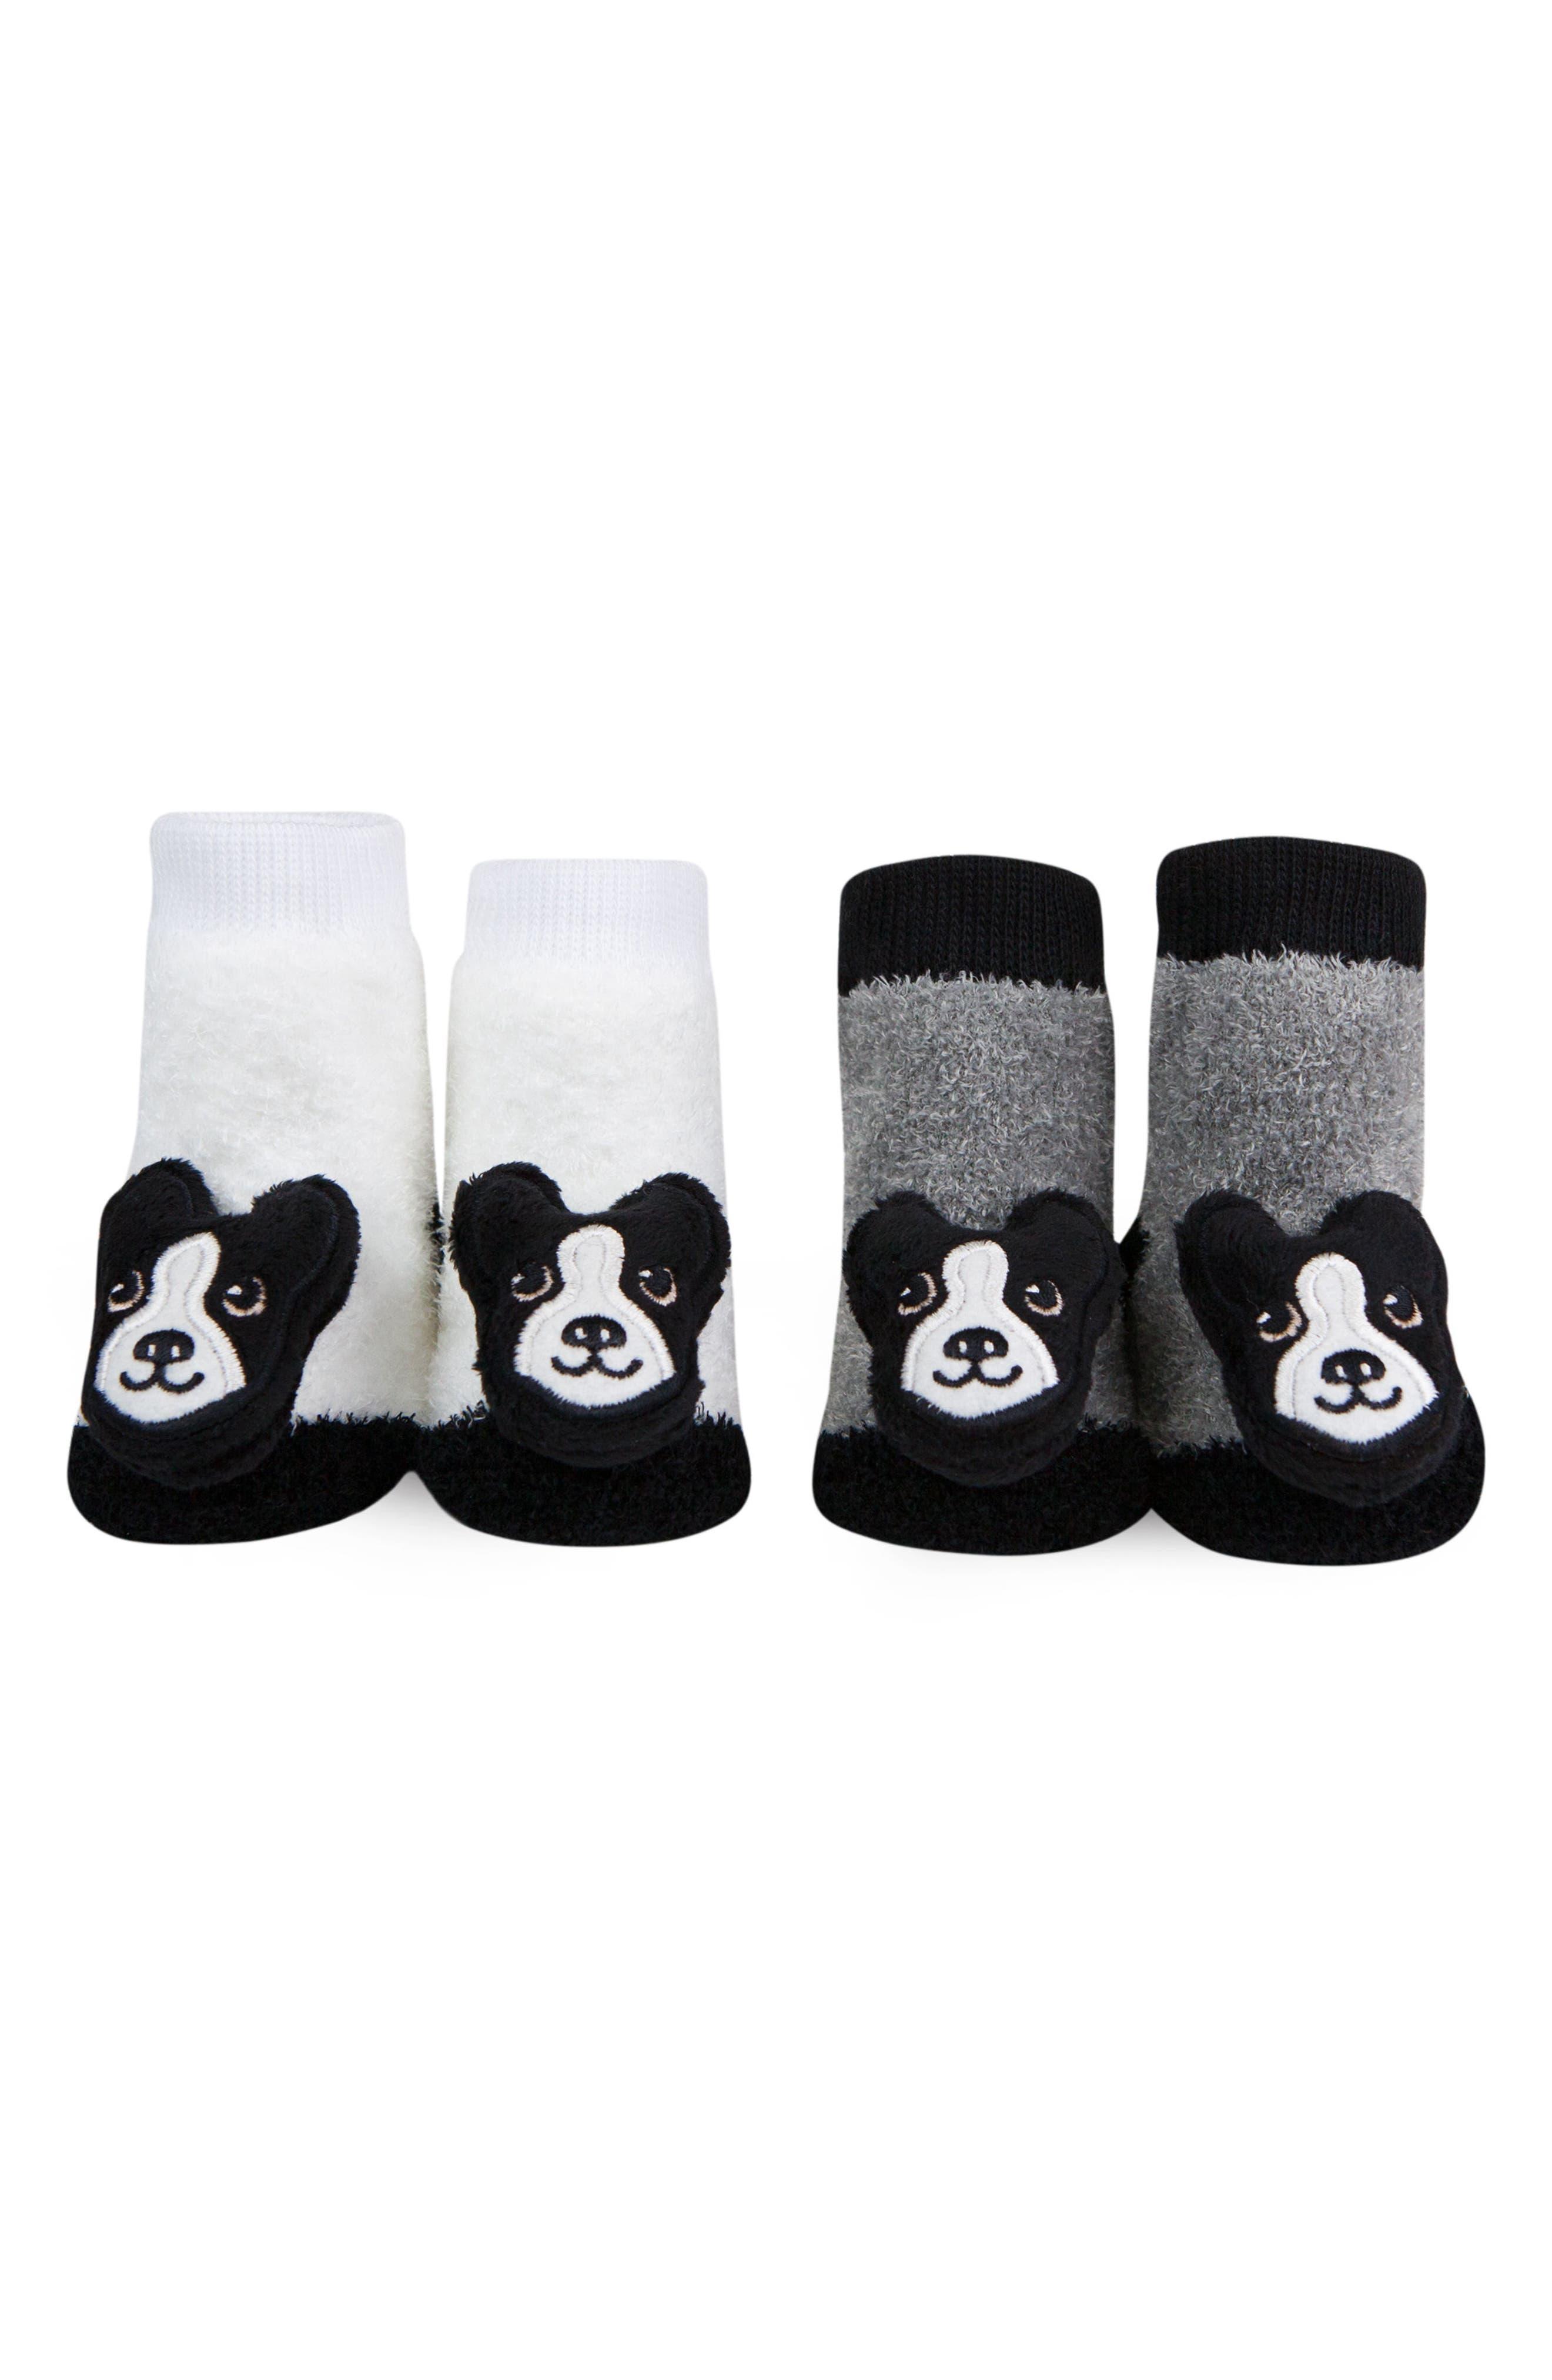 2-Pack Boston Terrier Rattle Socks,                             Alternate thumbnail 4, color,                             BLACK/ WHITE